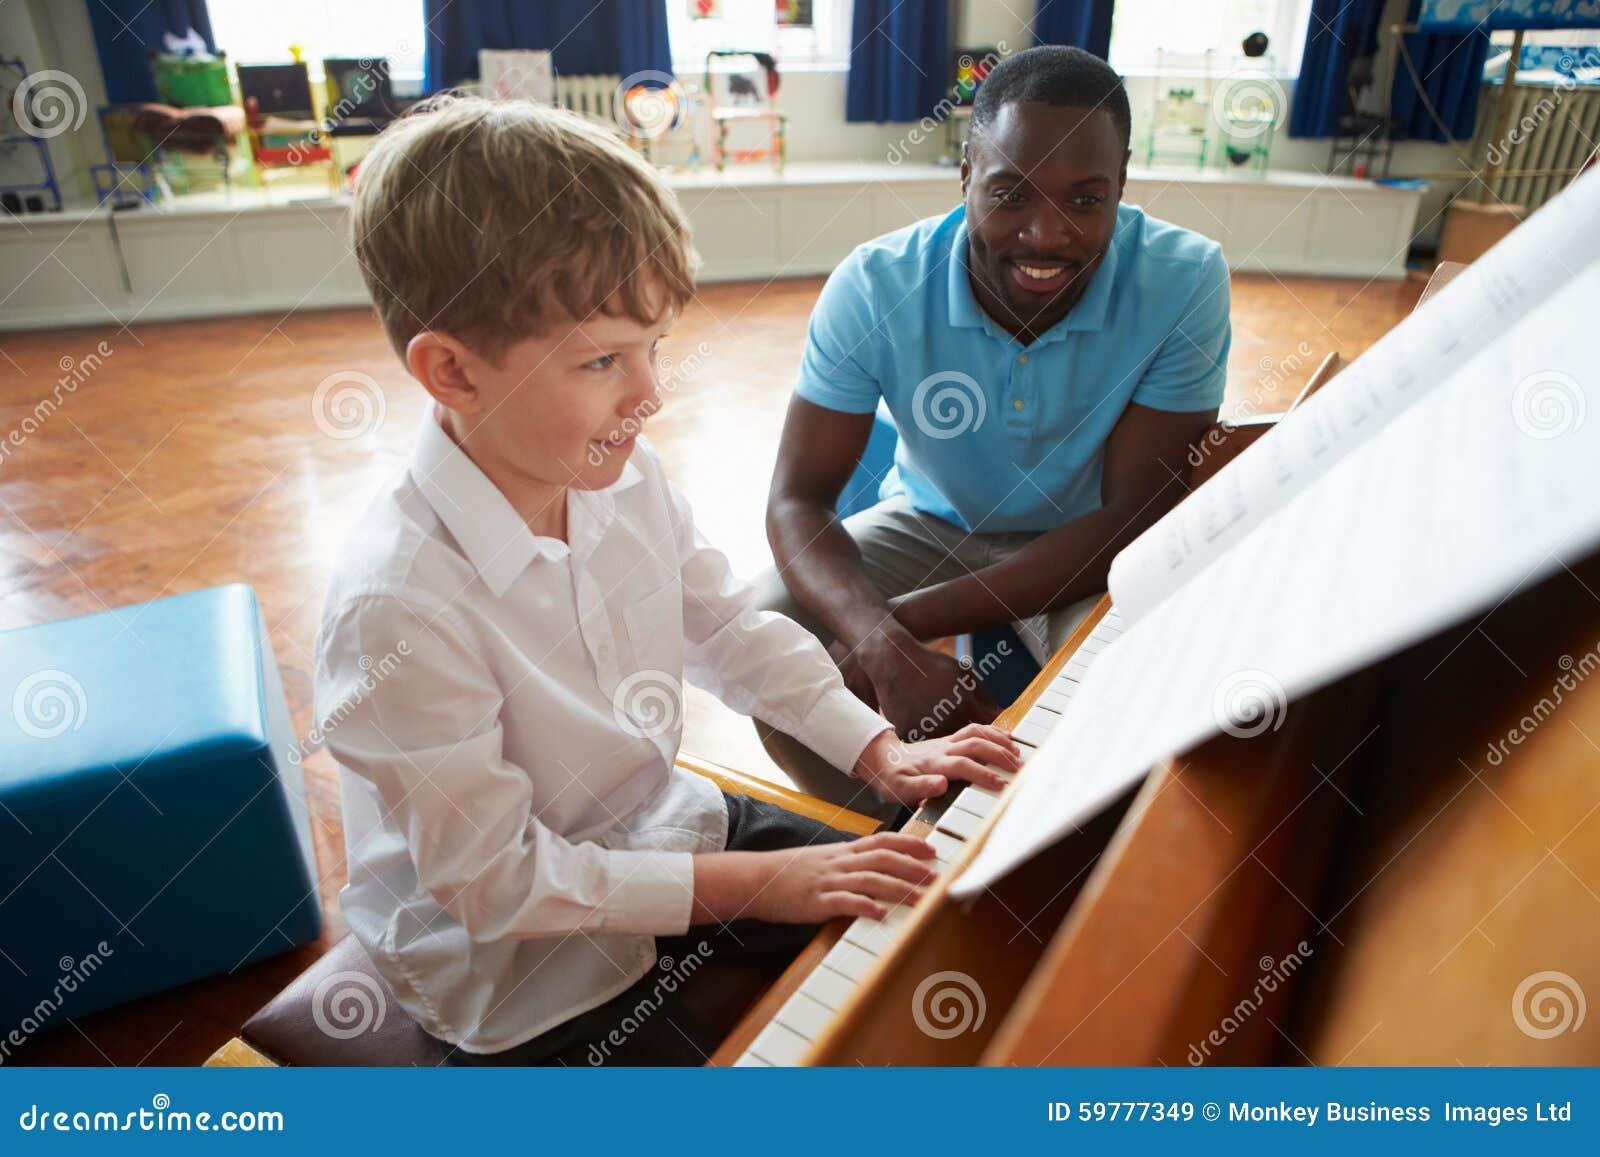 Студент наслаждаясь уроком рояля с учителем